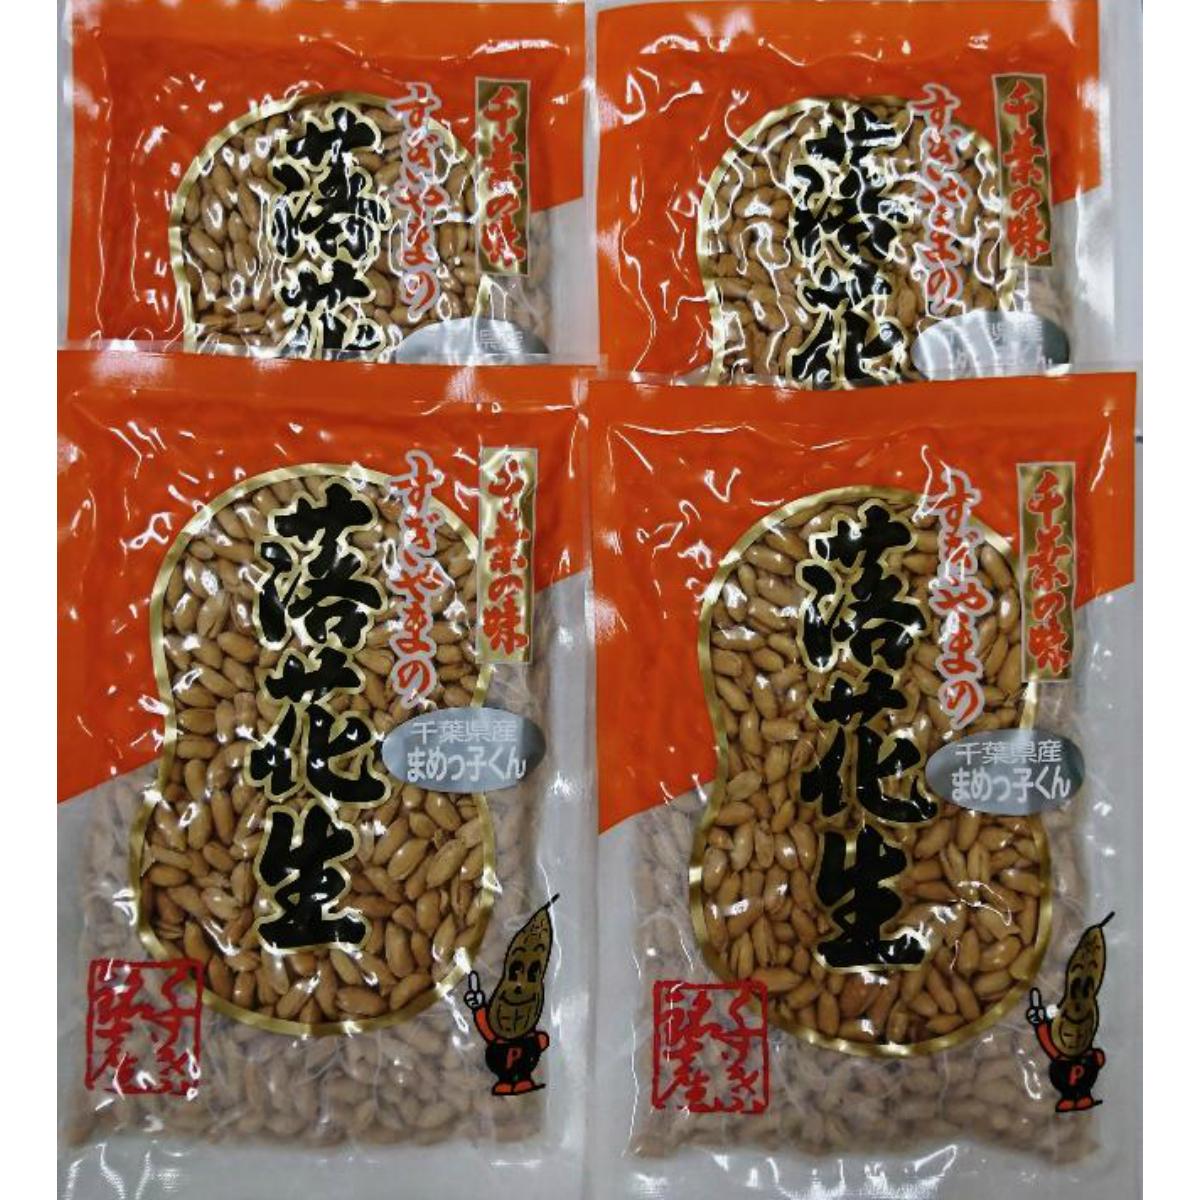 送料無料まめっ子くん 大人気 小粒落花生を油で揚げ 軽く塩味を付けました 最安値 カリカリの食感がとまらない 送料無料 返品不可 千葉県産 極細バタピー まめっ子くん200g×4袋